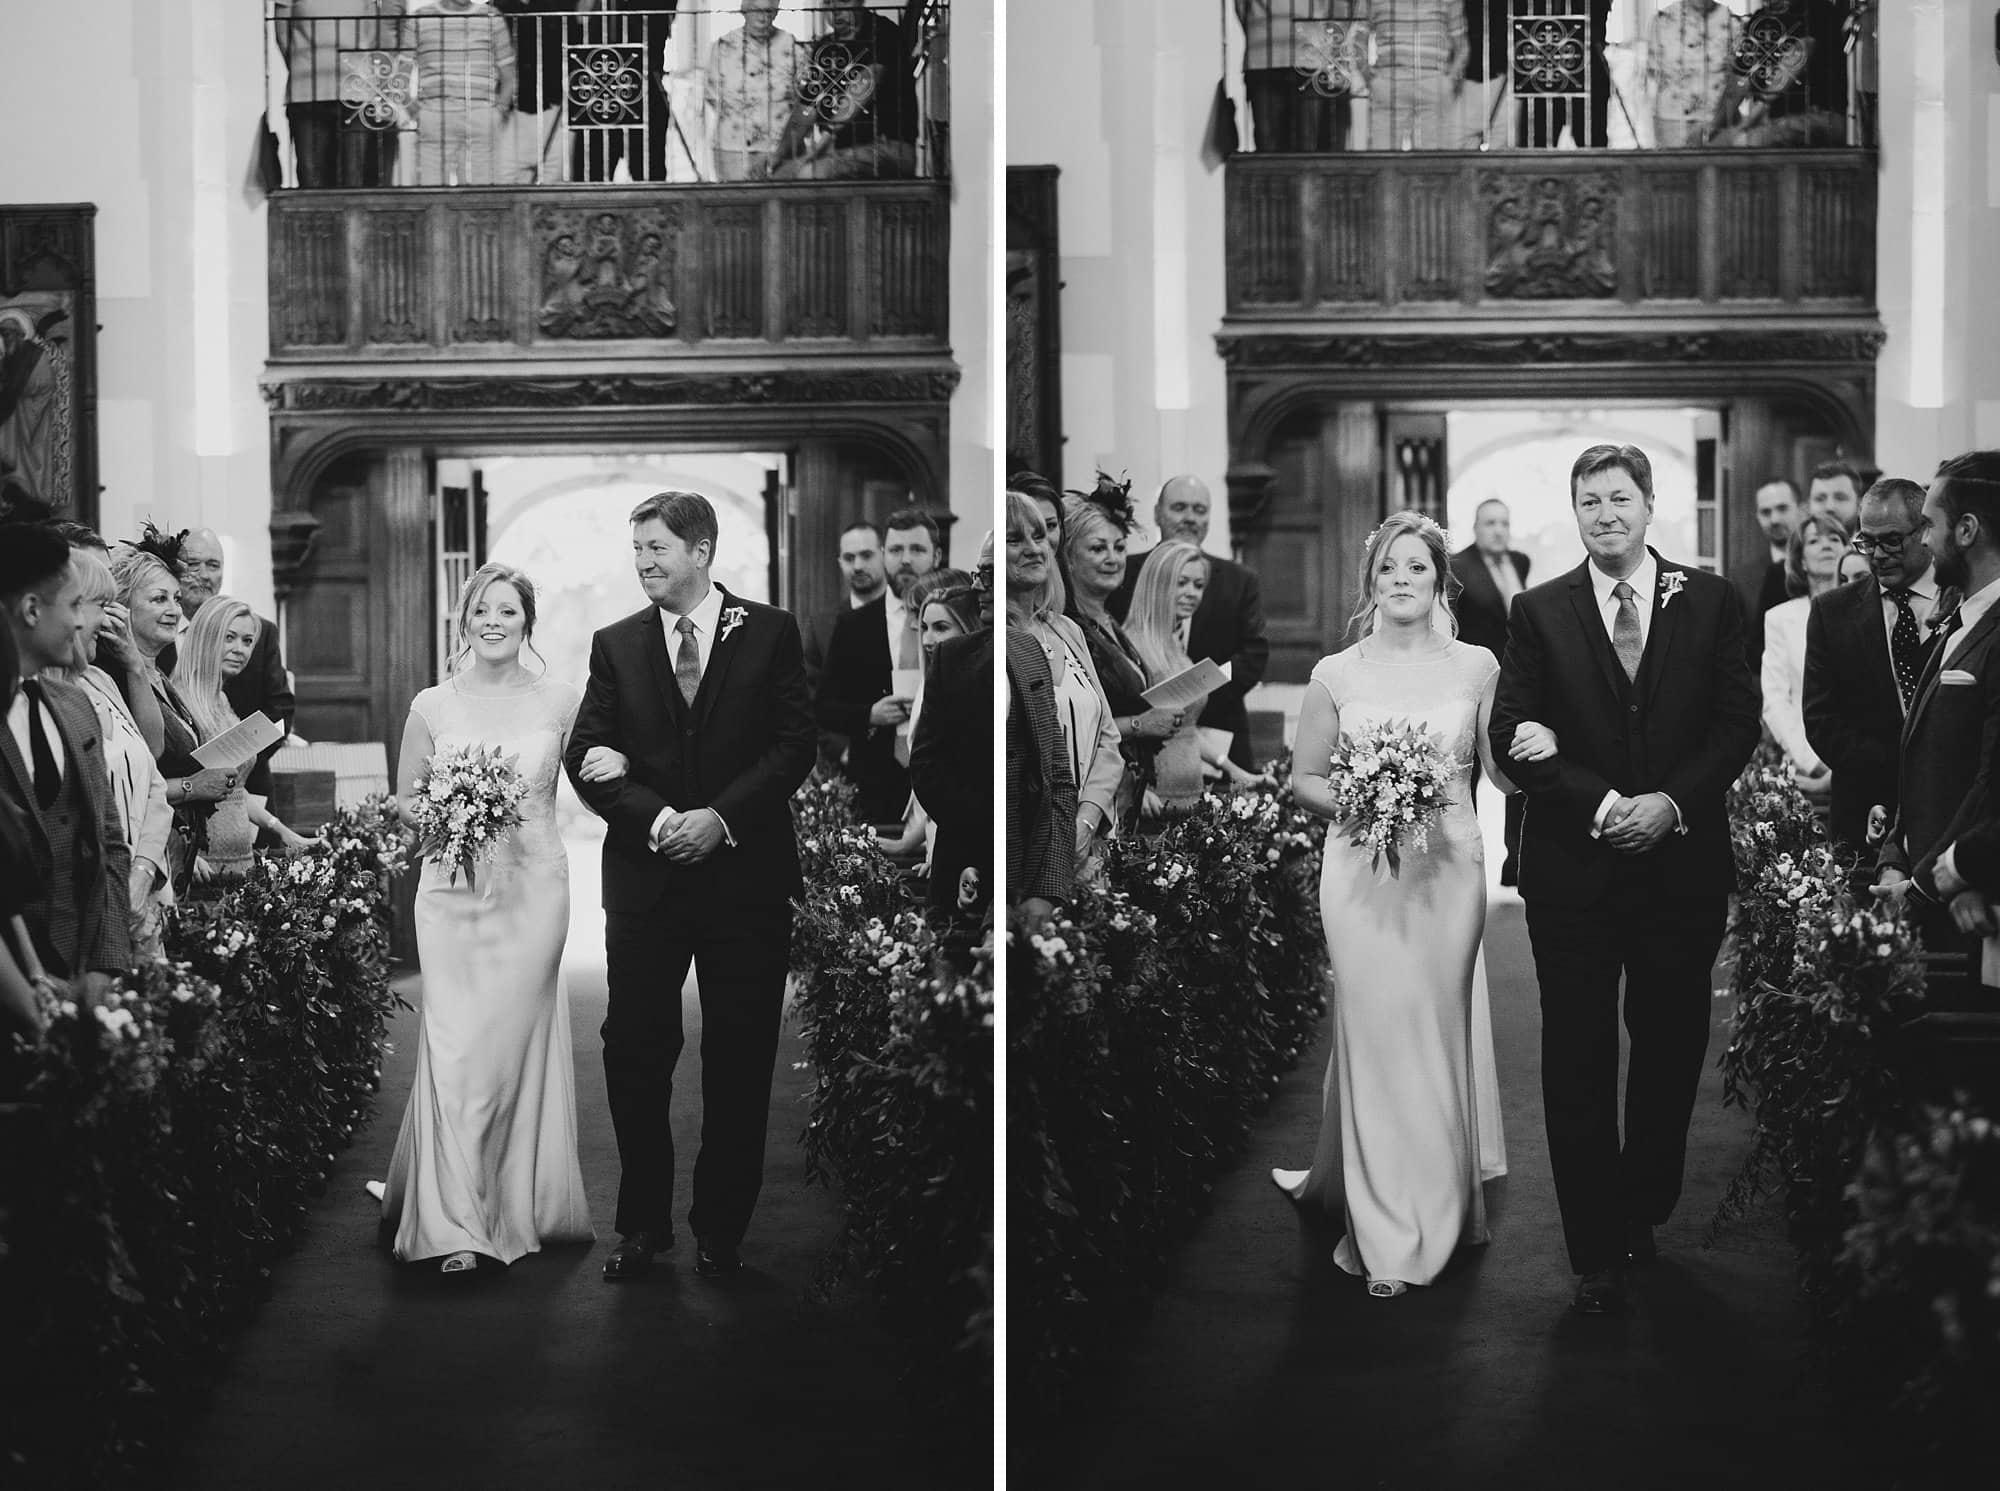 ashtead london wedding photographer 039 - Rachel & Jonny's Ashtead Wedding